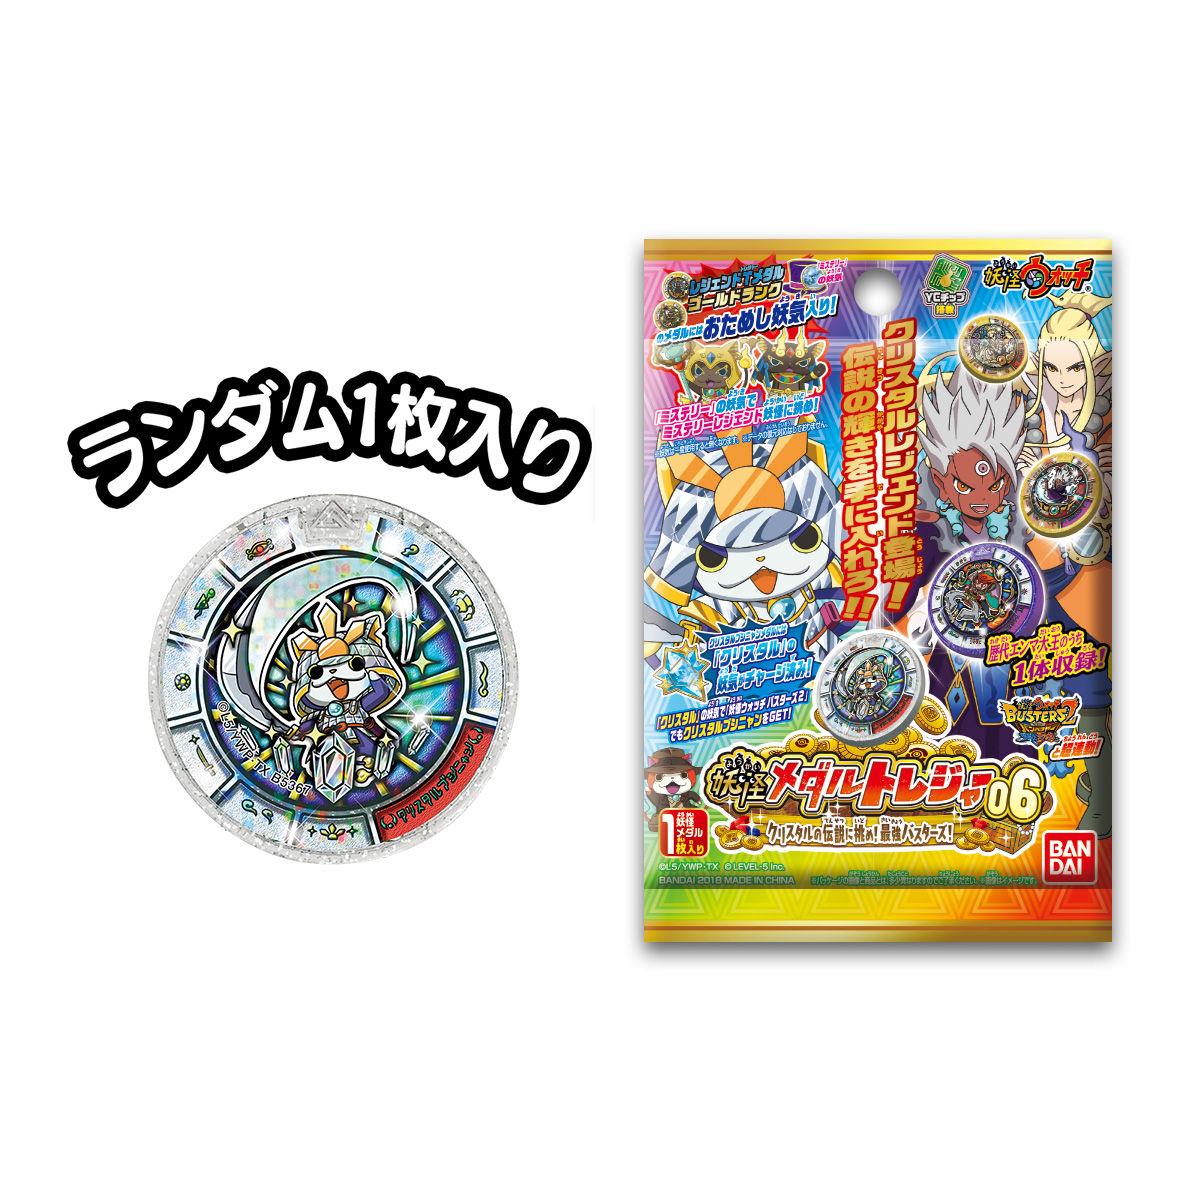 妖怪メダルトレジャー06 クリスタルの伝説に挑め!最強バスターズ!